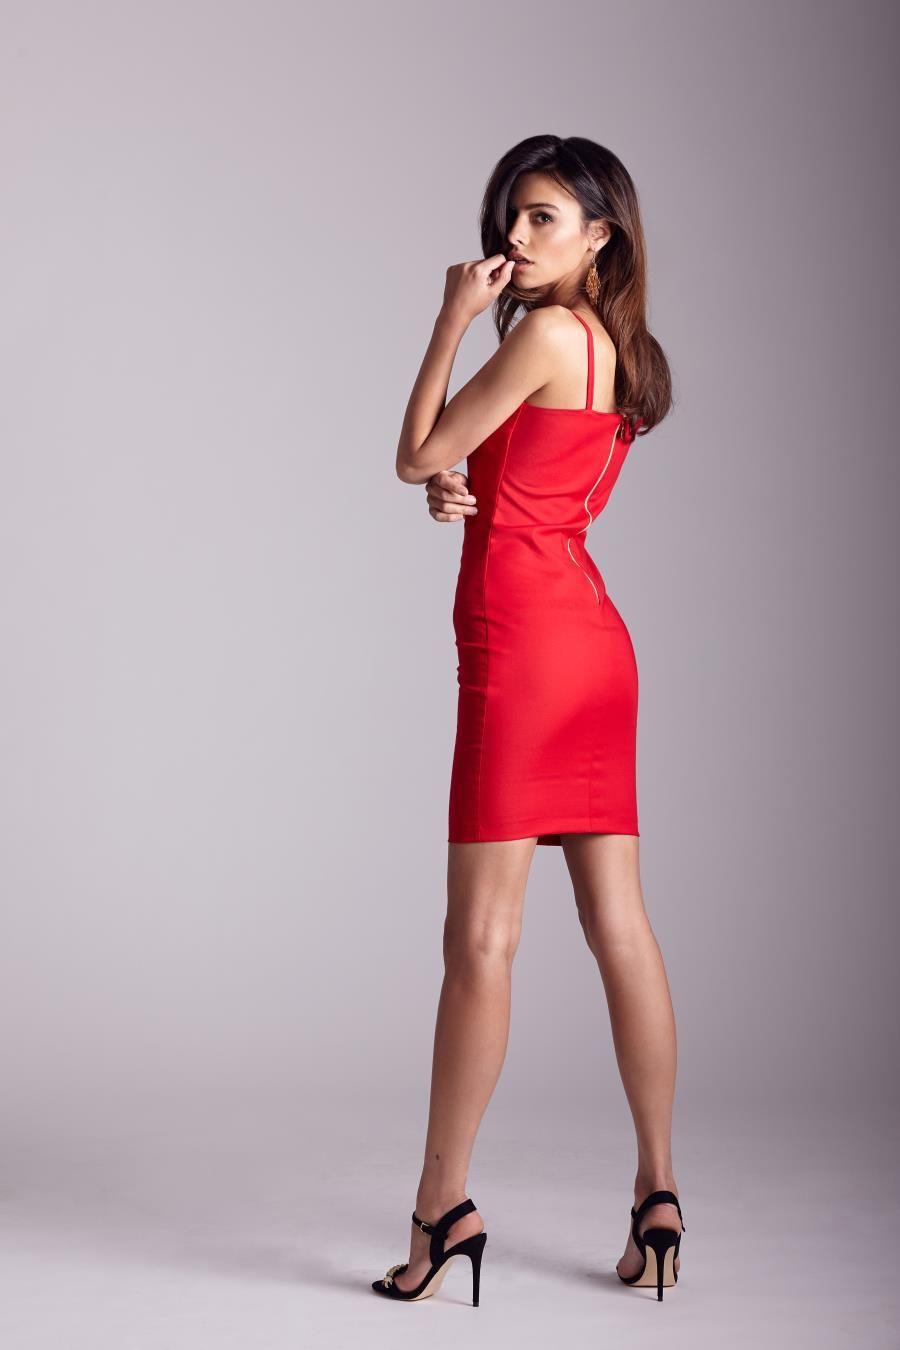 Czerwona Sukienka Mastika Dress Reddress Sukienka Czerwonasukienka Outfit Ootd Stylization Girl Polishgirl O Dresses With Sleeves Dress Me Up Fashion